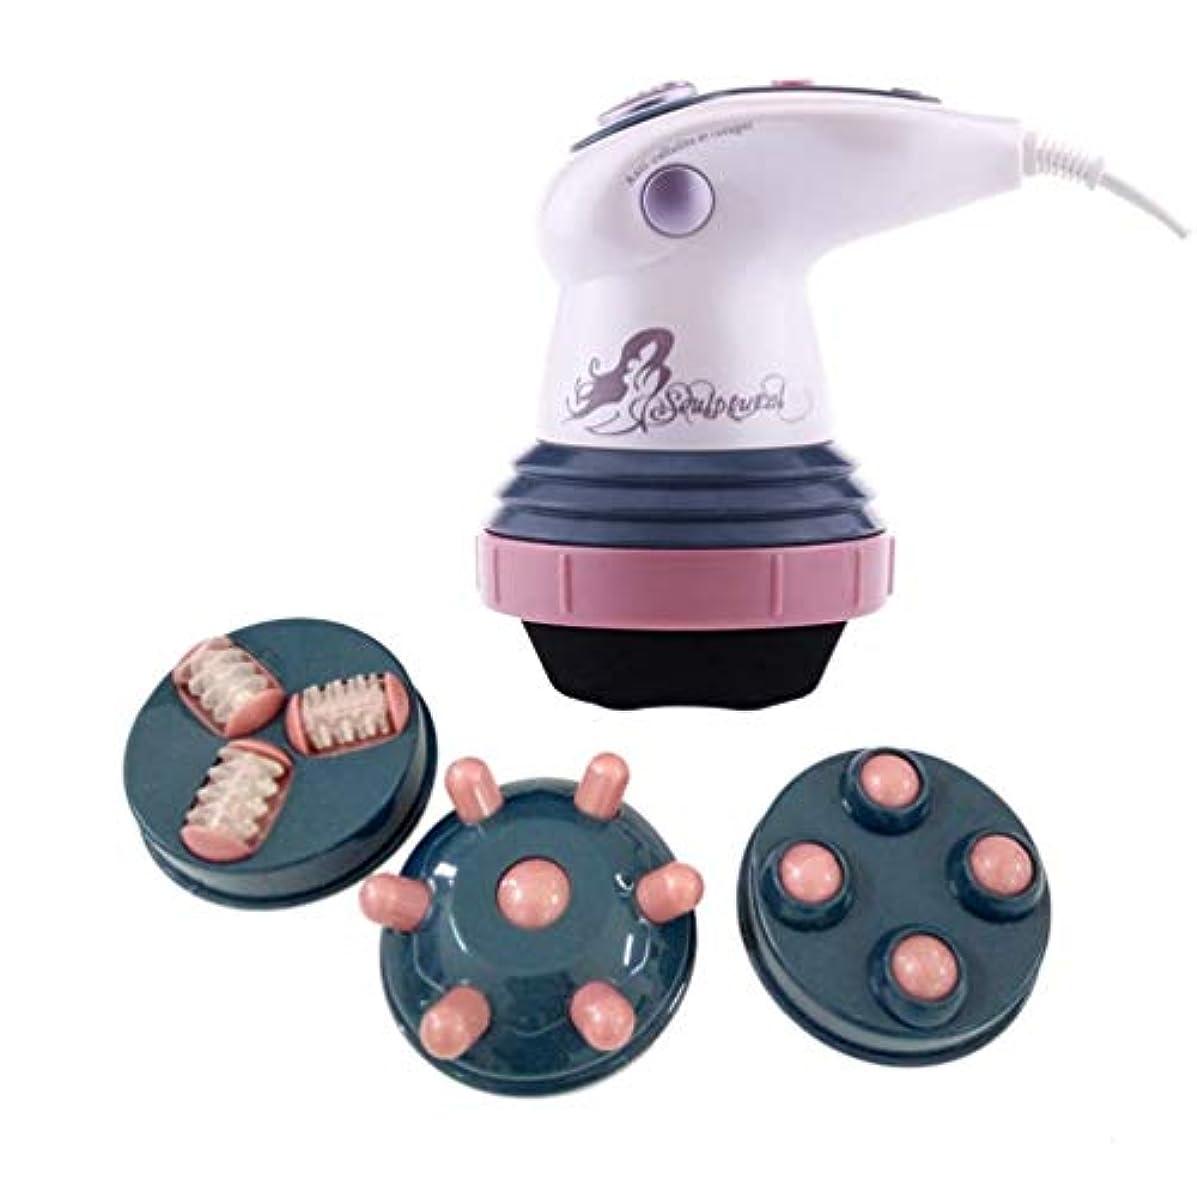 ルネッサンス言い訳特殊低雑音の赤外線電気脂肪燃焼はボディスリミングマッサージャー抗セルライトボディマッサージ機を削除します - ピンク